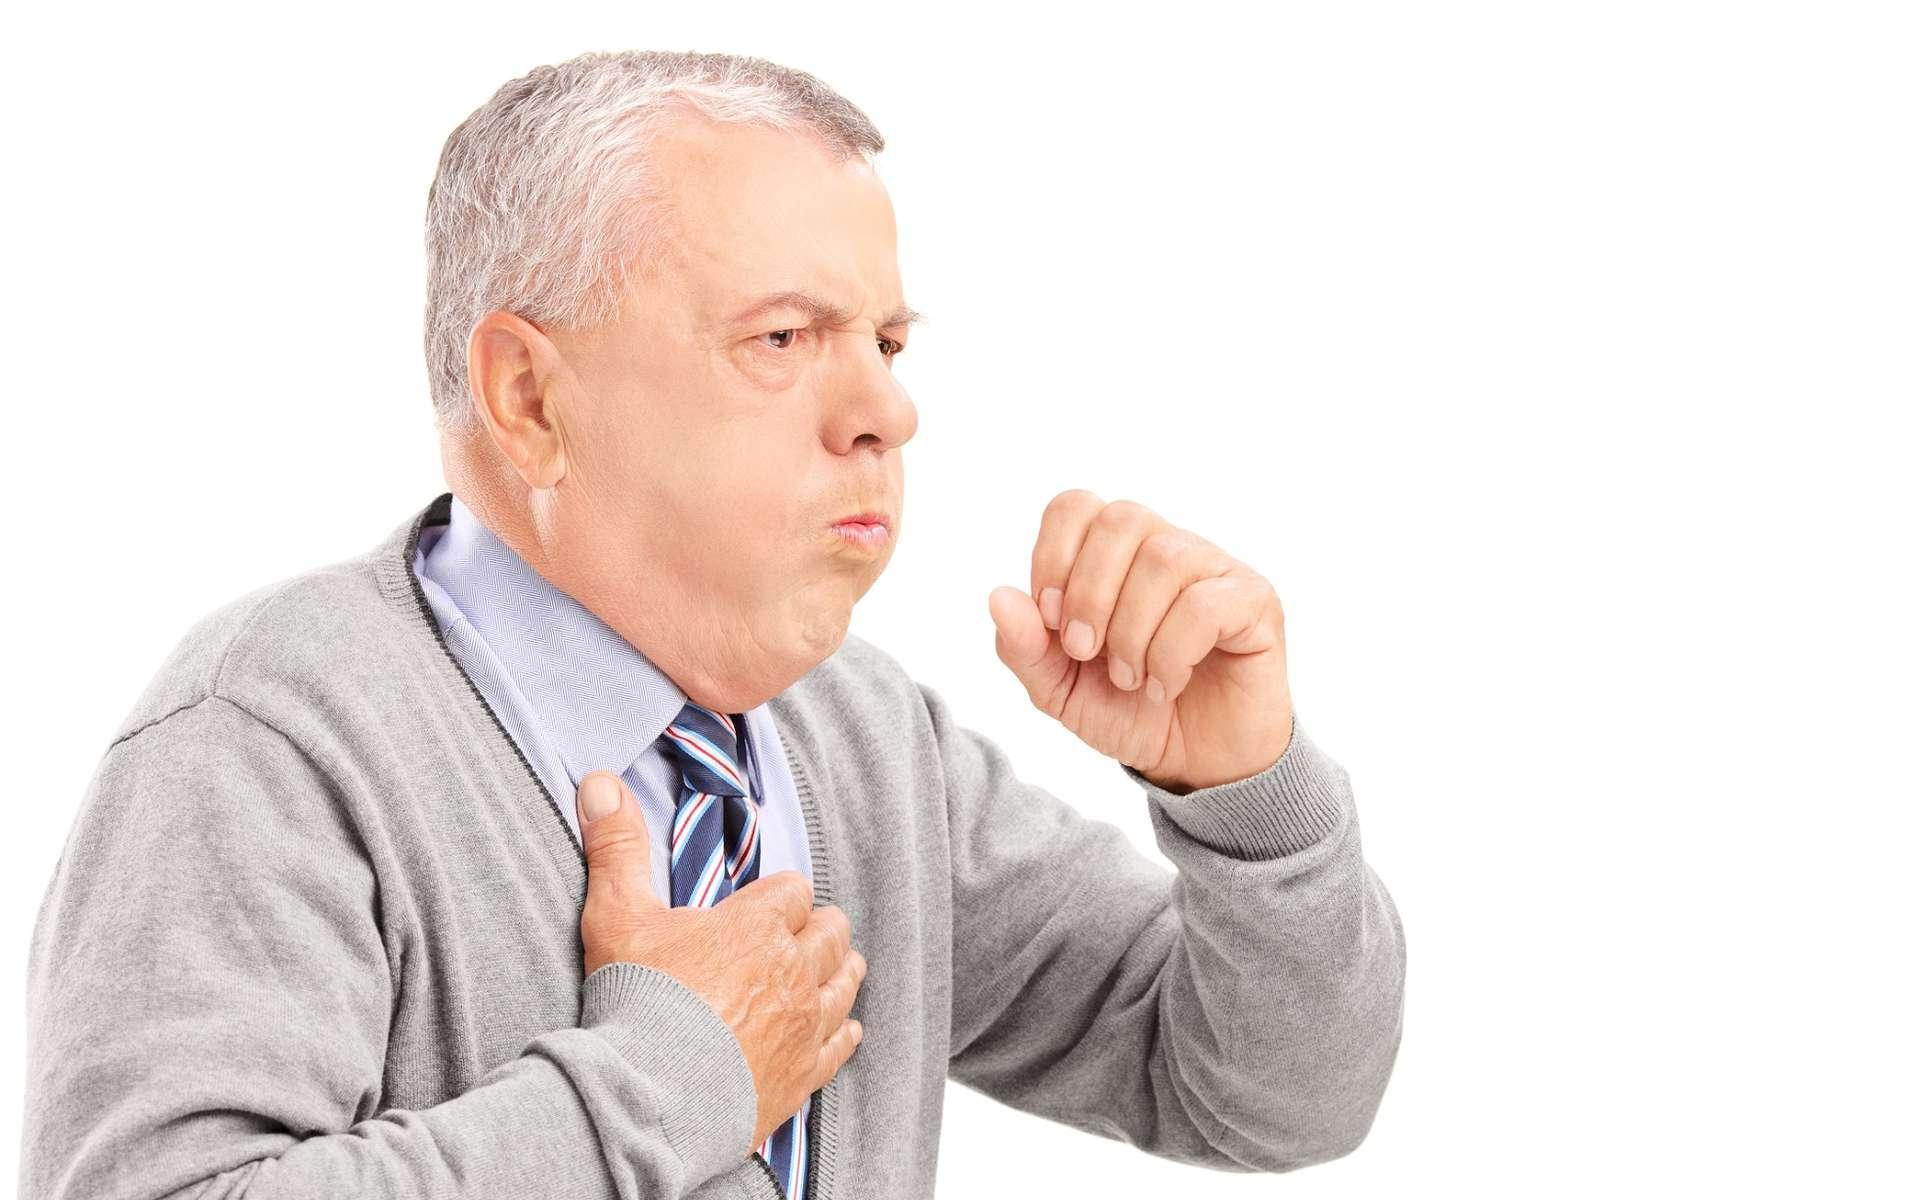 L'asthme cardiaque est lié à une insuffisance cardiaque. © Ljupco Smokovski, Shutterstock